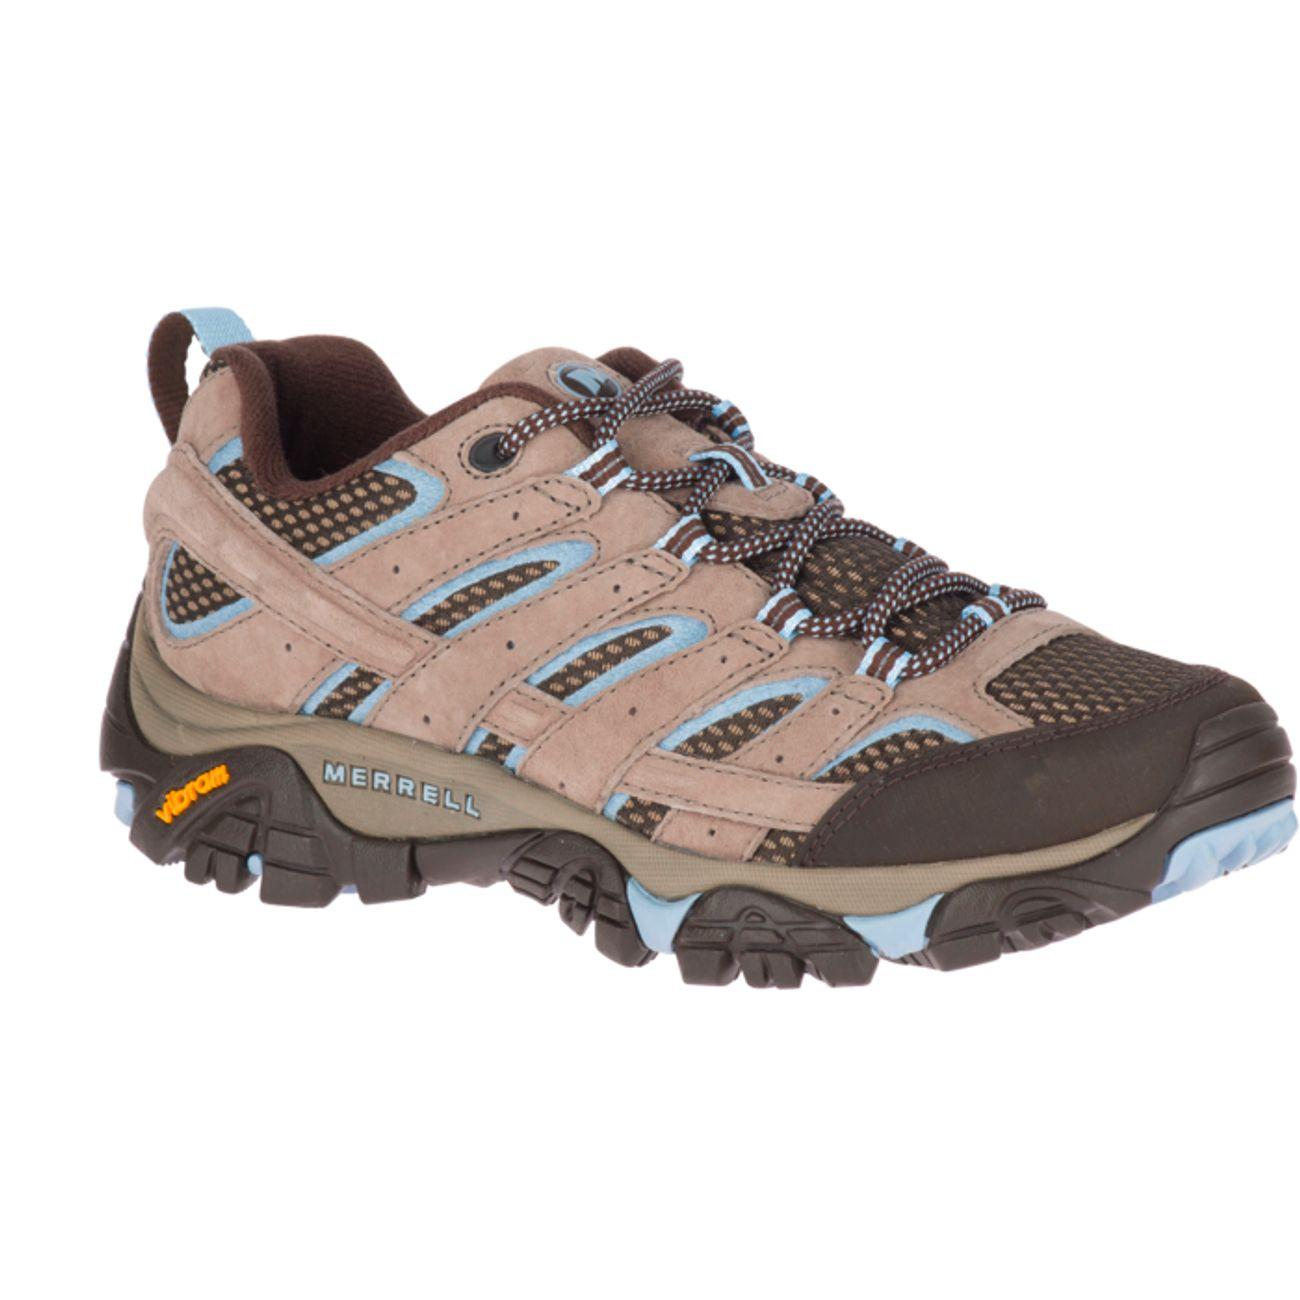 Chaussures randonnée femme Merrell Moab 2 Vent LD - Du 38 au 41